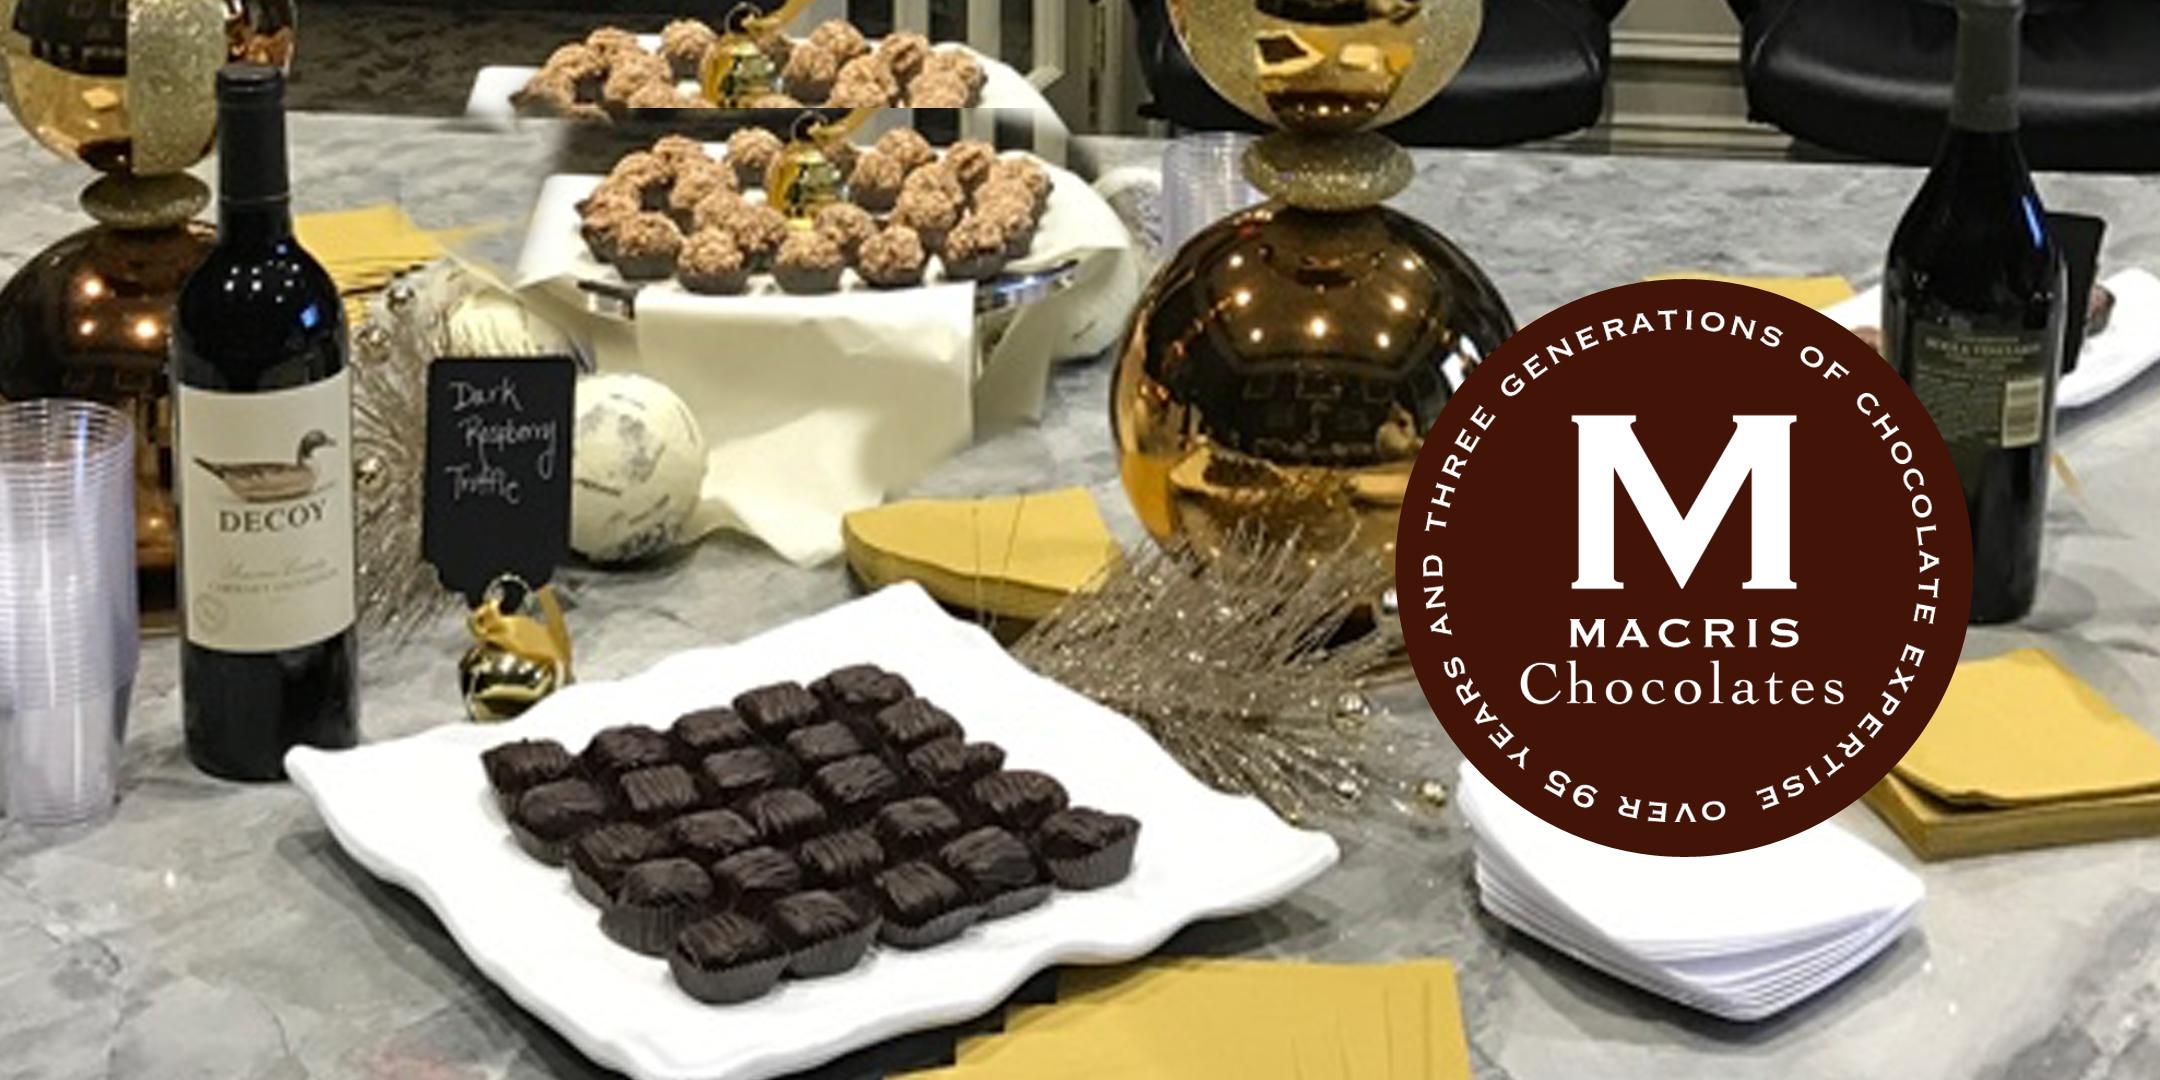 Wine & Chocolate Pairing Party at Macris Chocolates @ Lemoyne - 26 ...